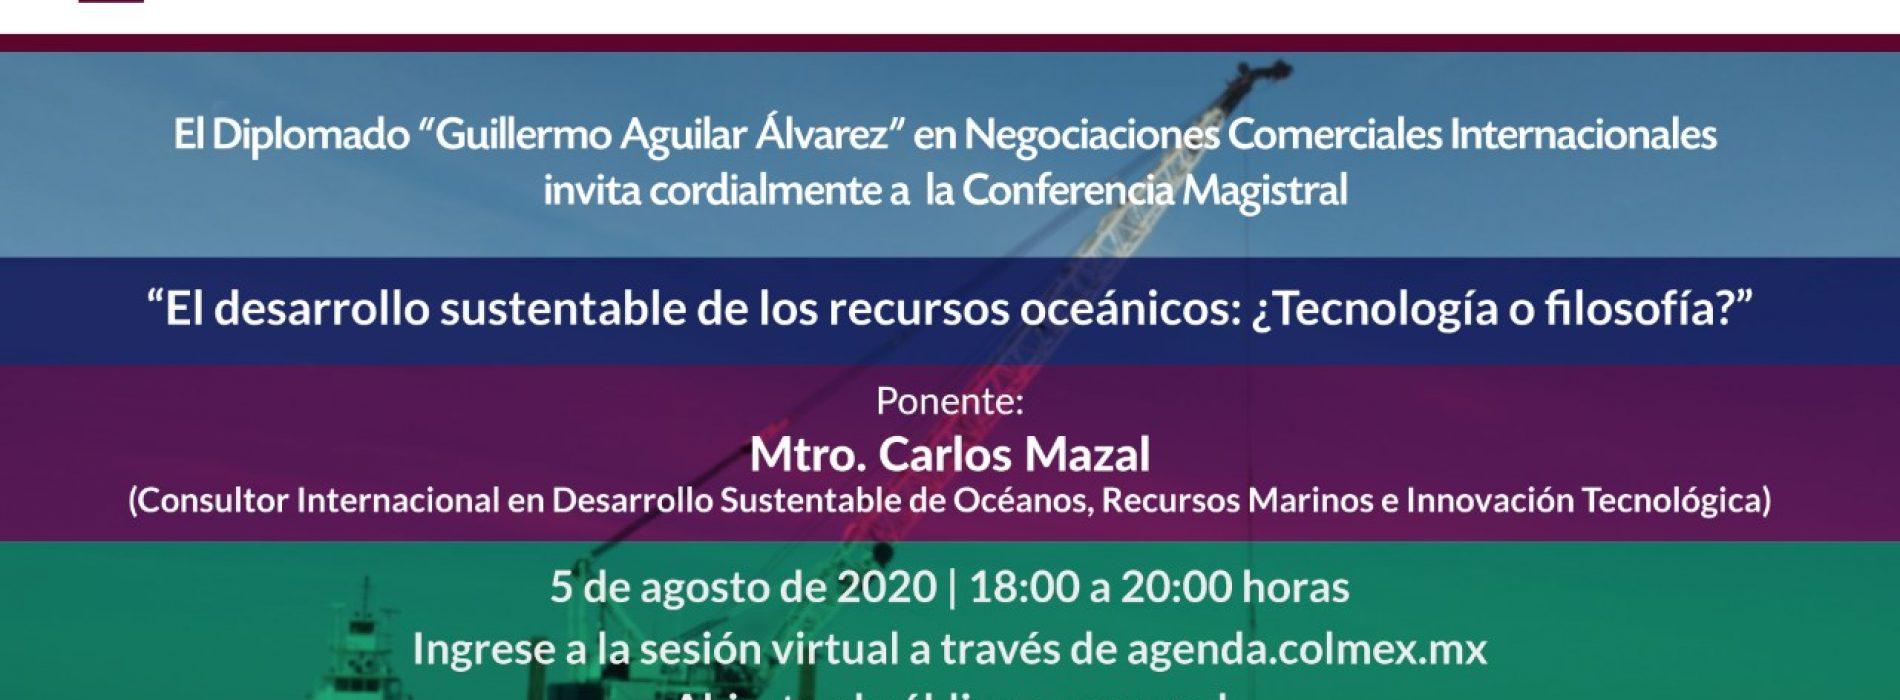 Evento de El Colegio de México con el Consejero Carlos Mazal